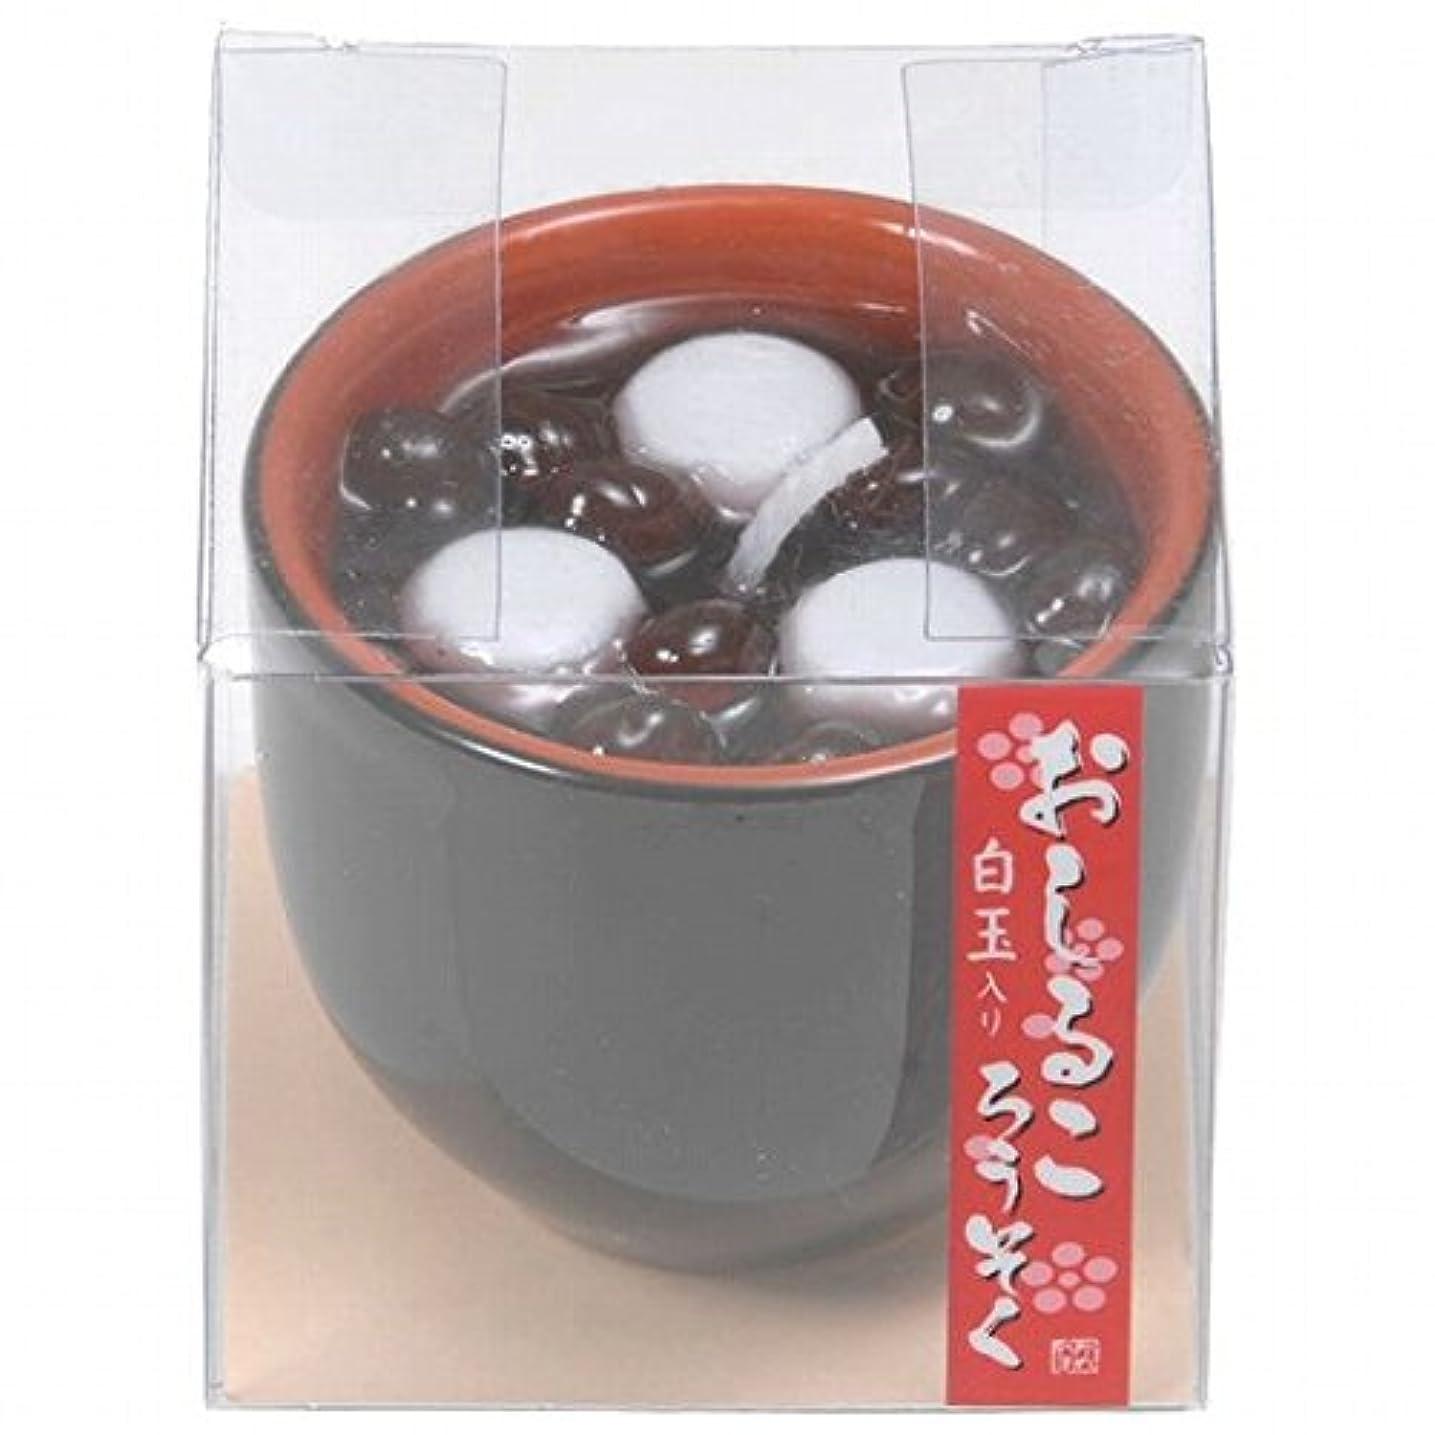 カメヤマキャンドル( kameyama candle ) おしるころうそく キャンドル